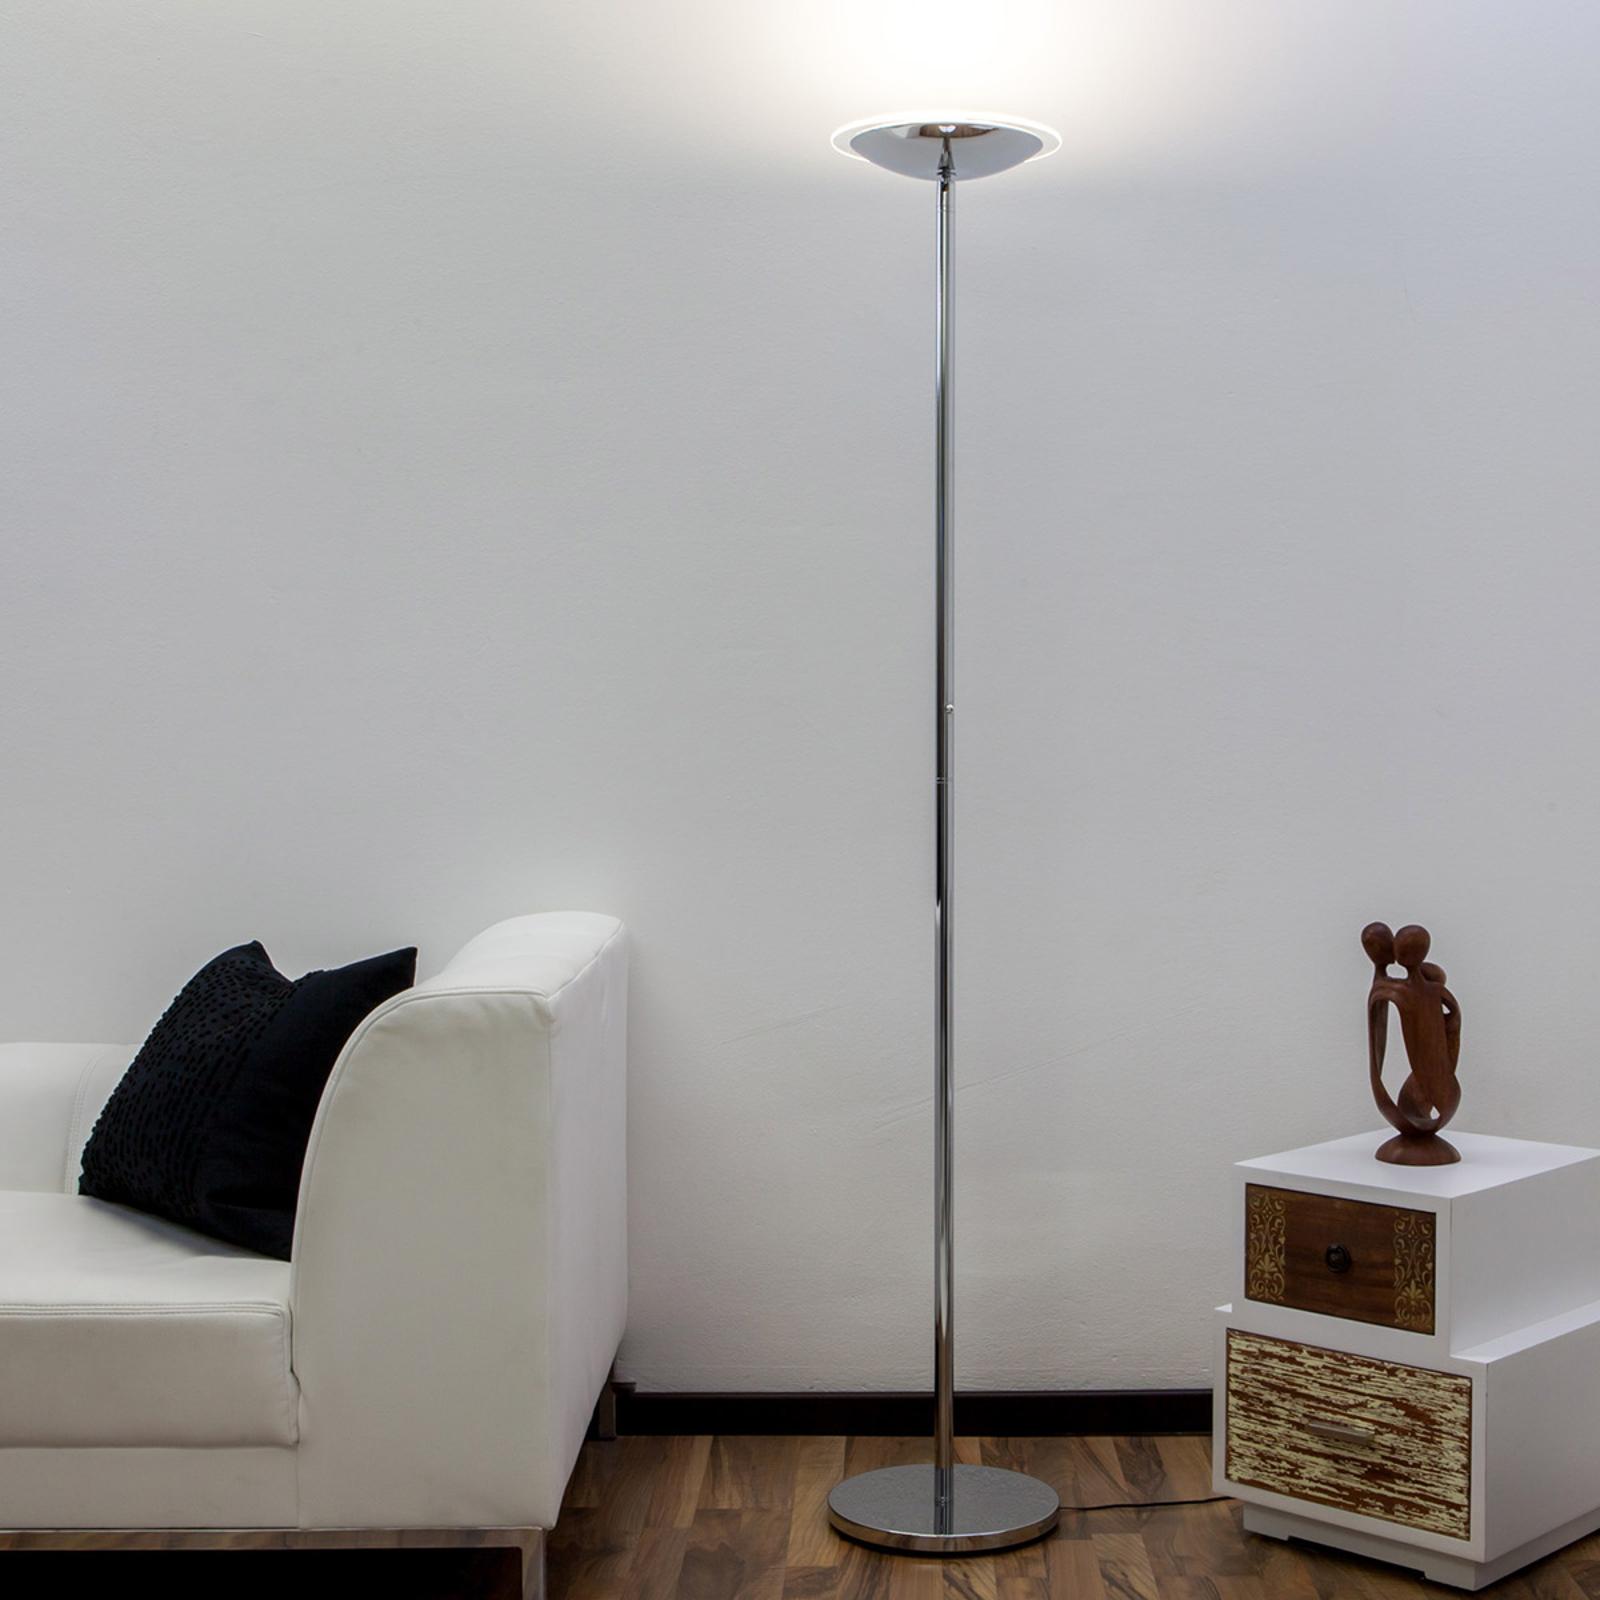 Krominkiiltävä LED-lattiavalaisin Malea